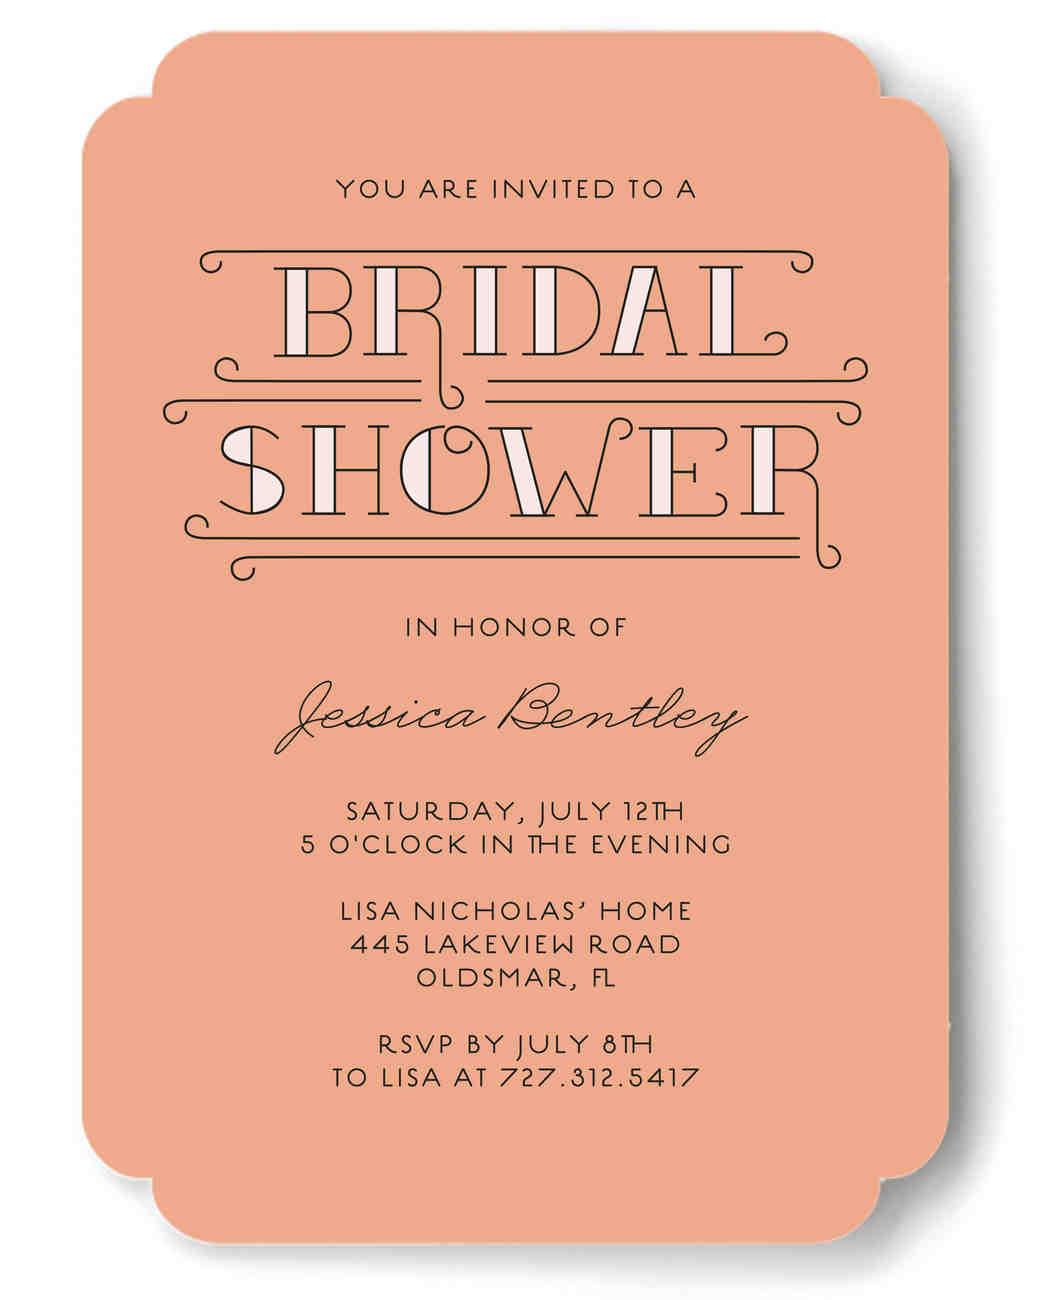 shower-invites-minted-bliss-0414.jpg